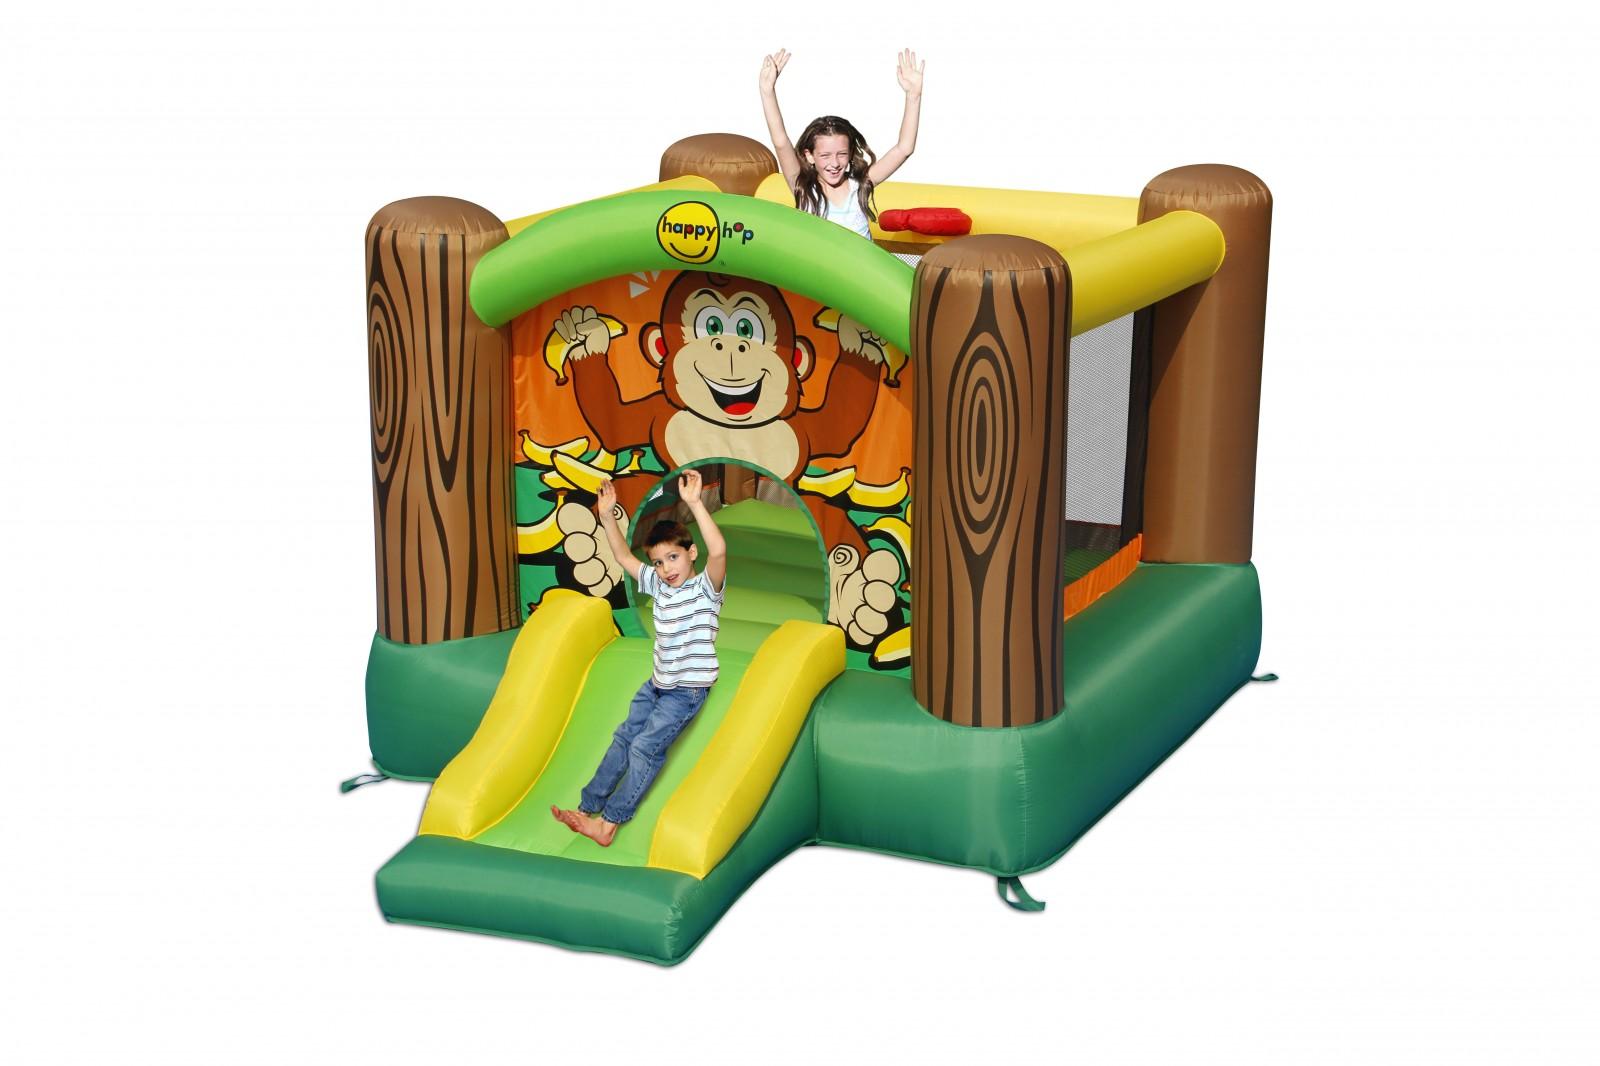 Happyhop bouncy castle monkey house cheeta acheter bon prix chez fitshop - Acheter chateau gonflable ...